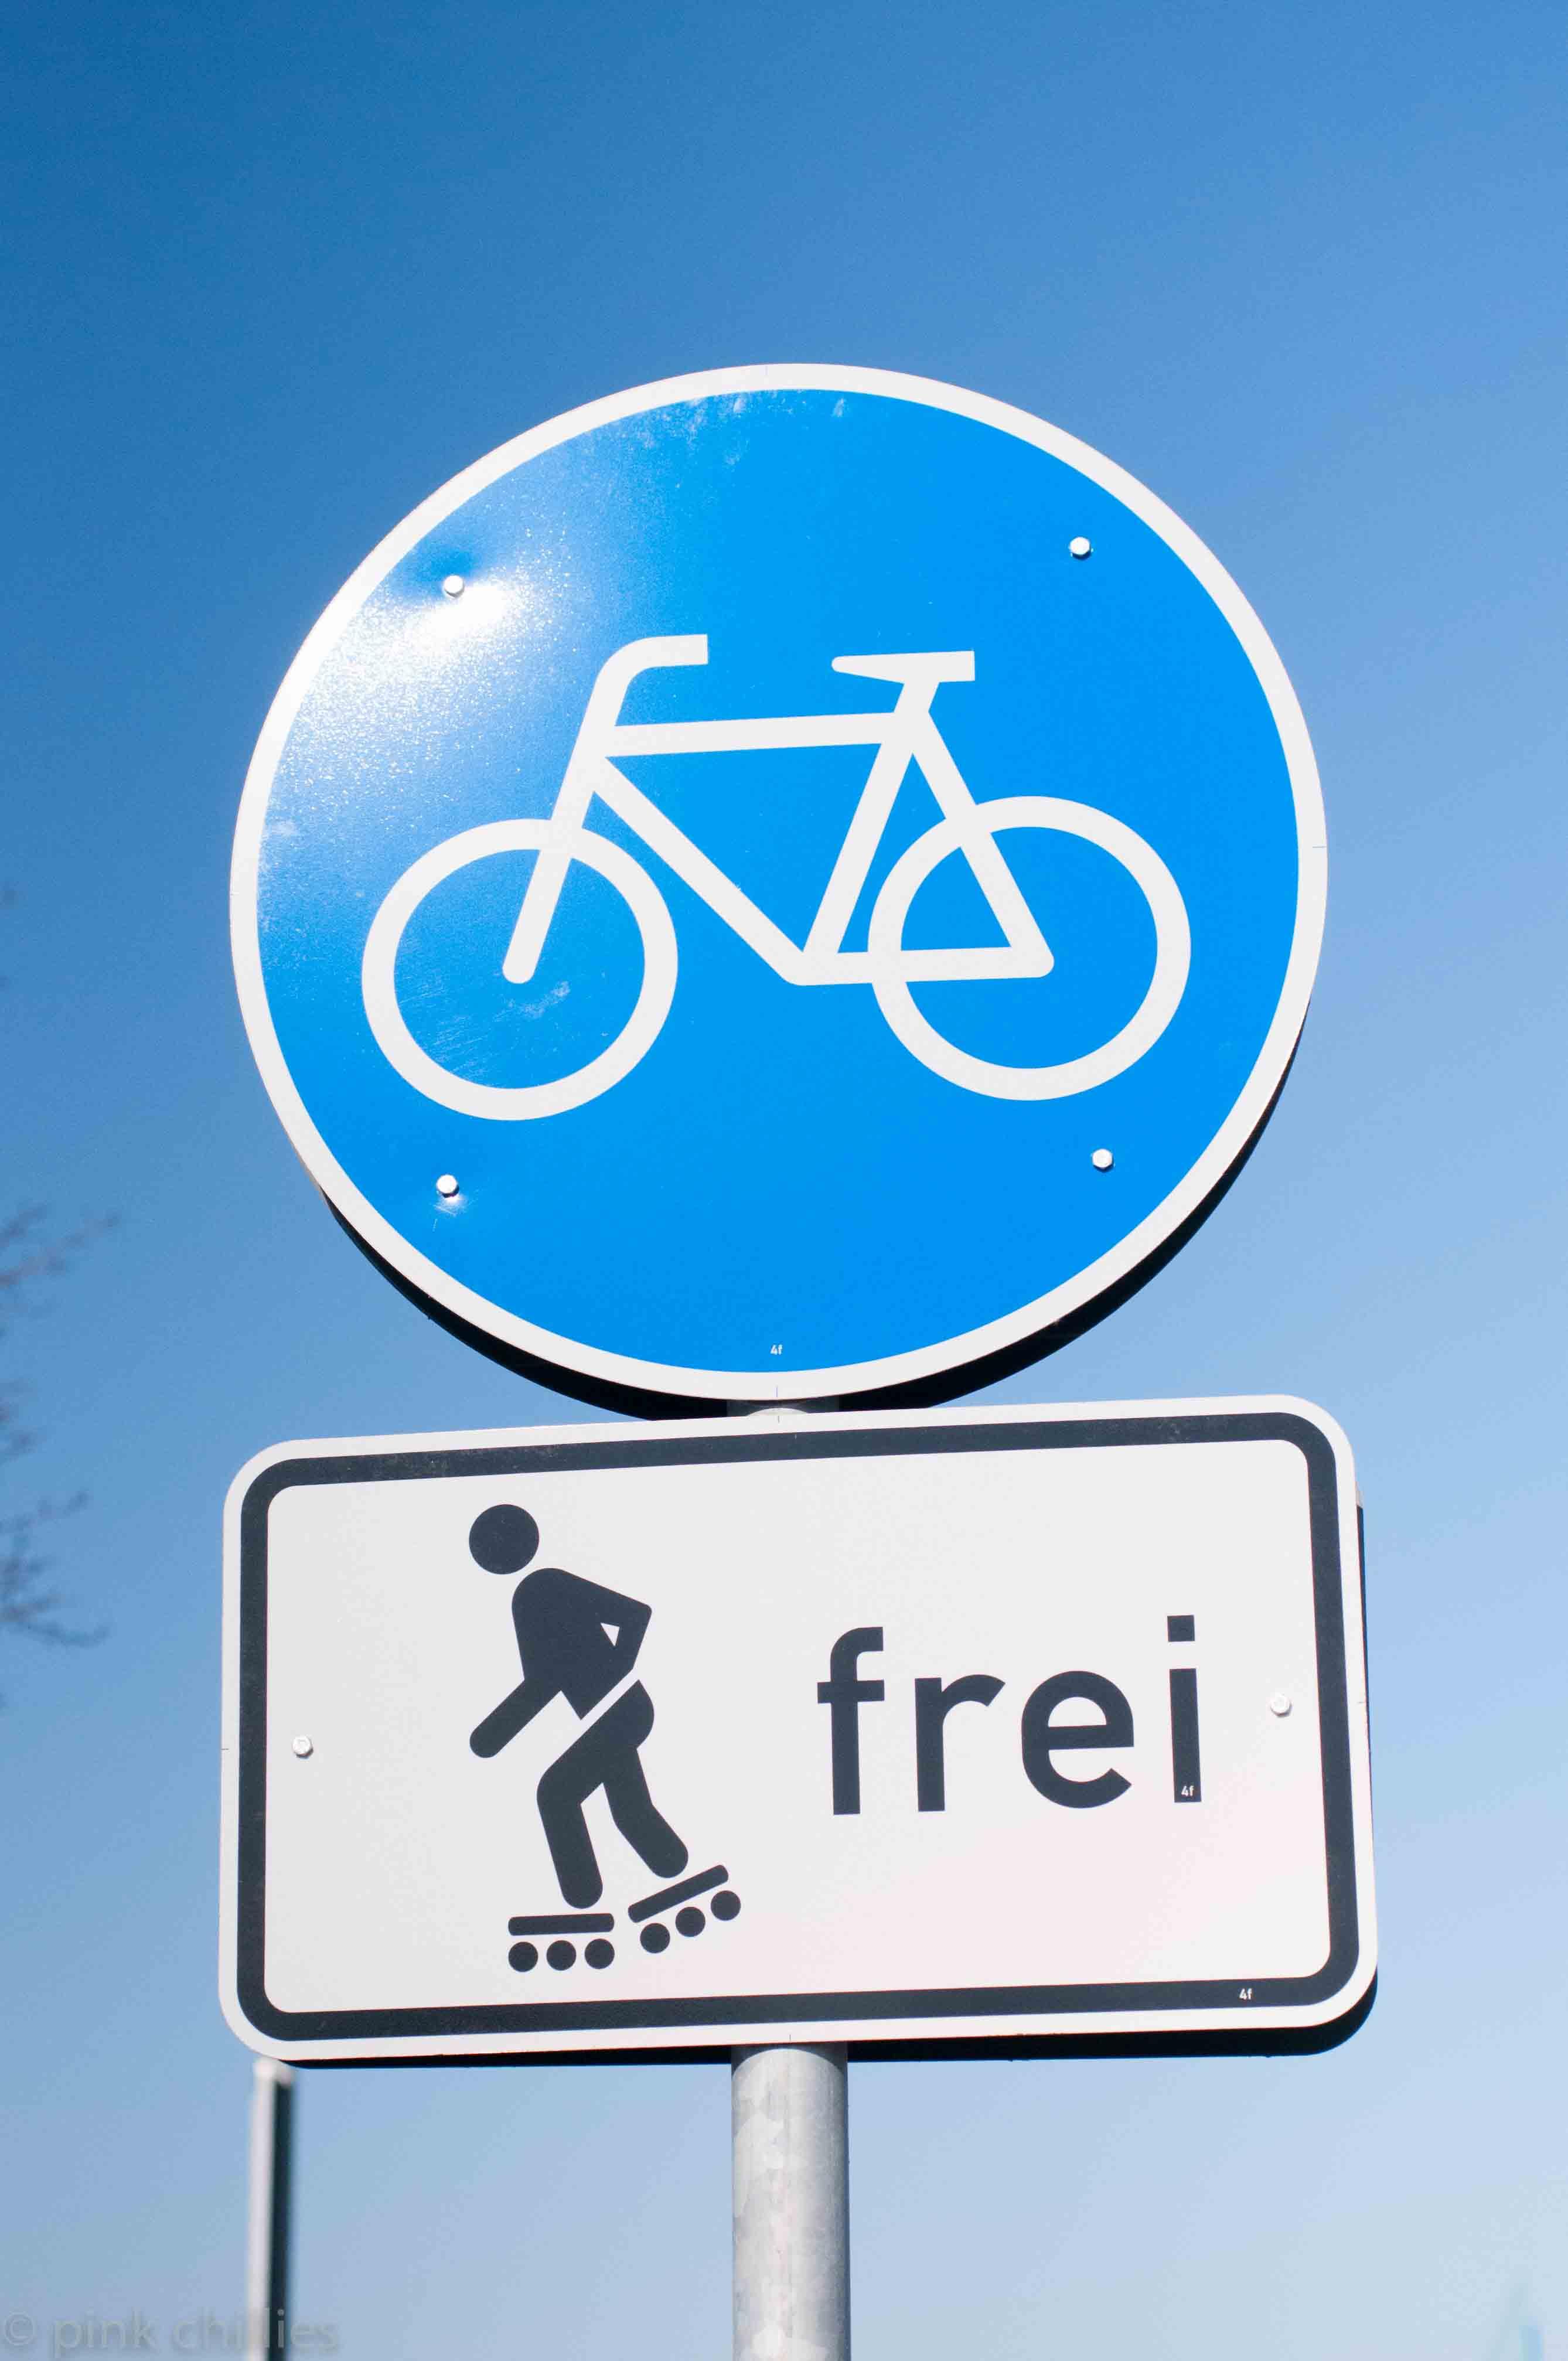 Verkehrsschild Sakter frei